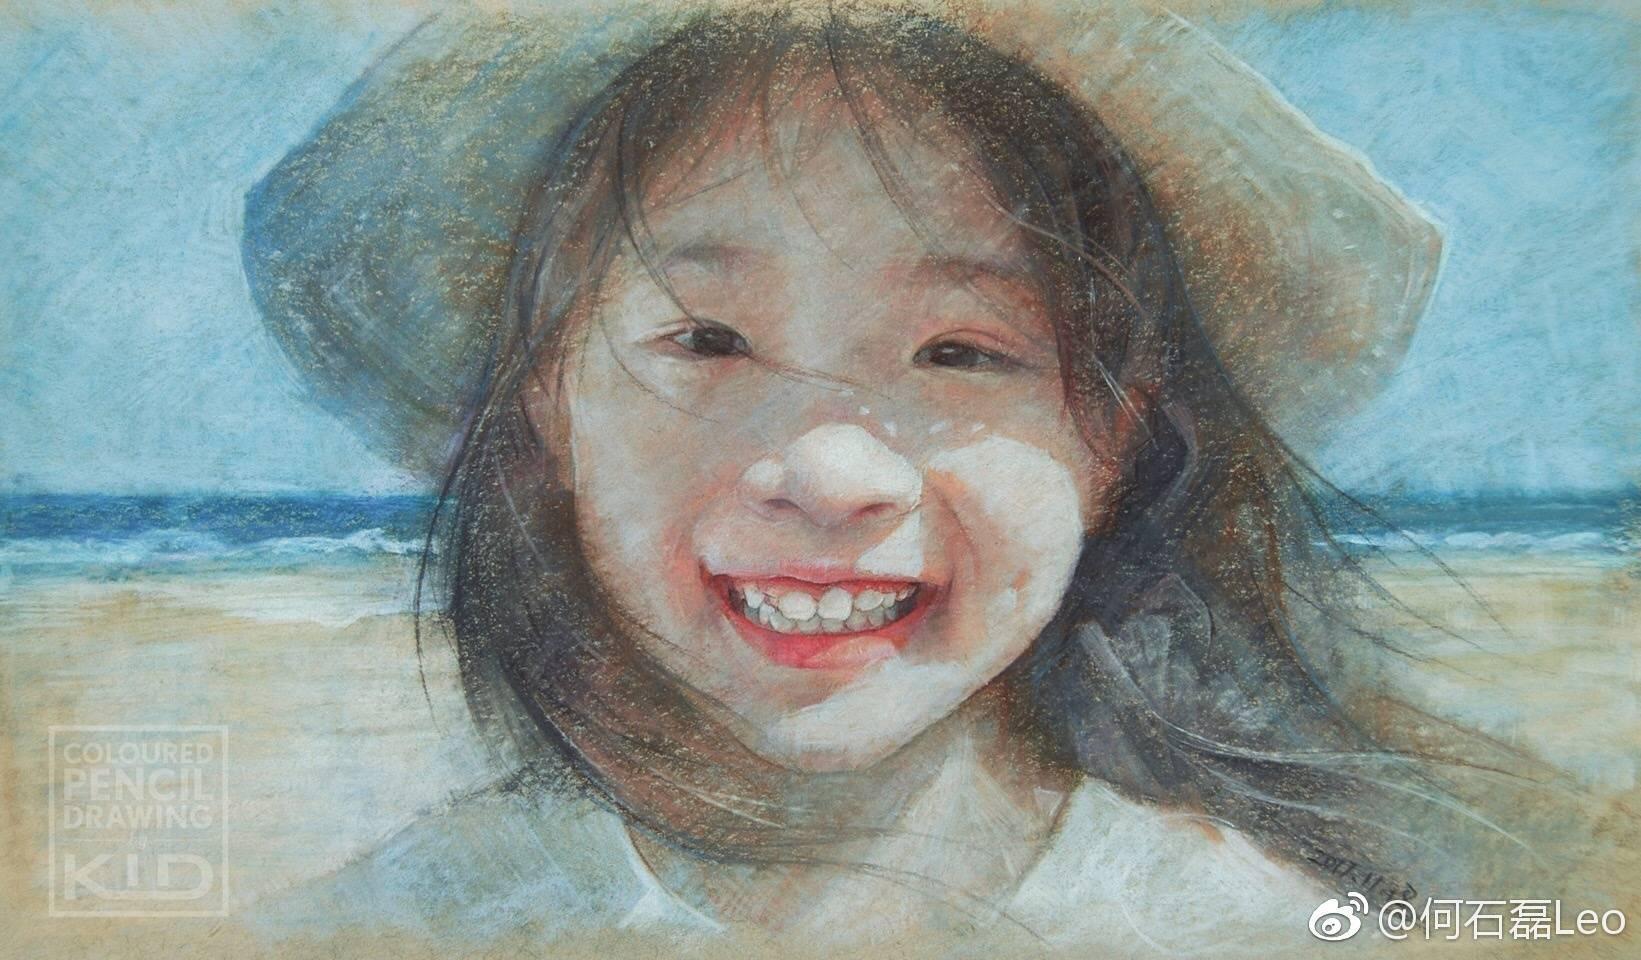 彩铅人物-小女孩